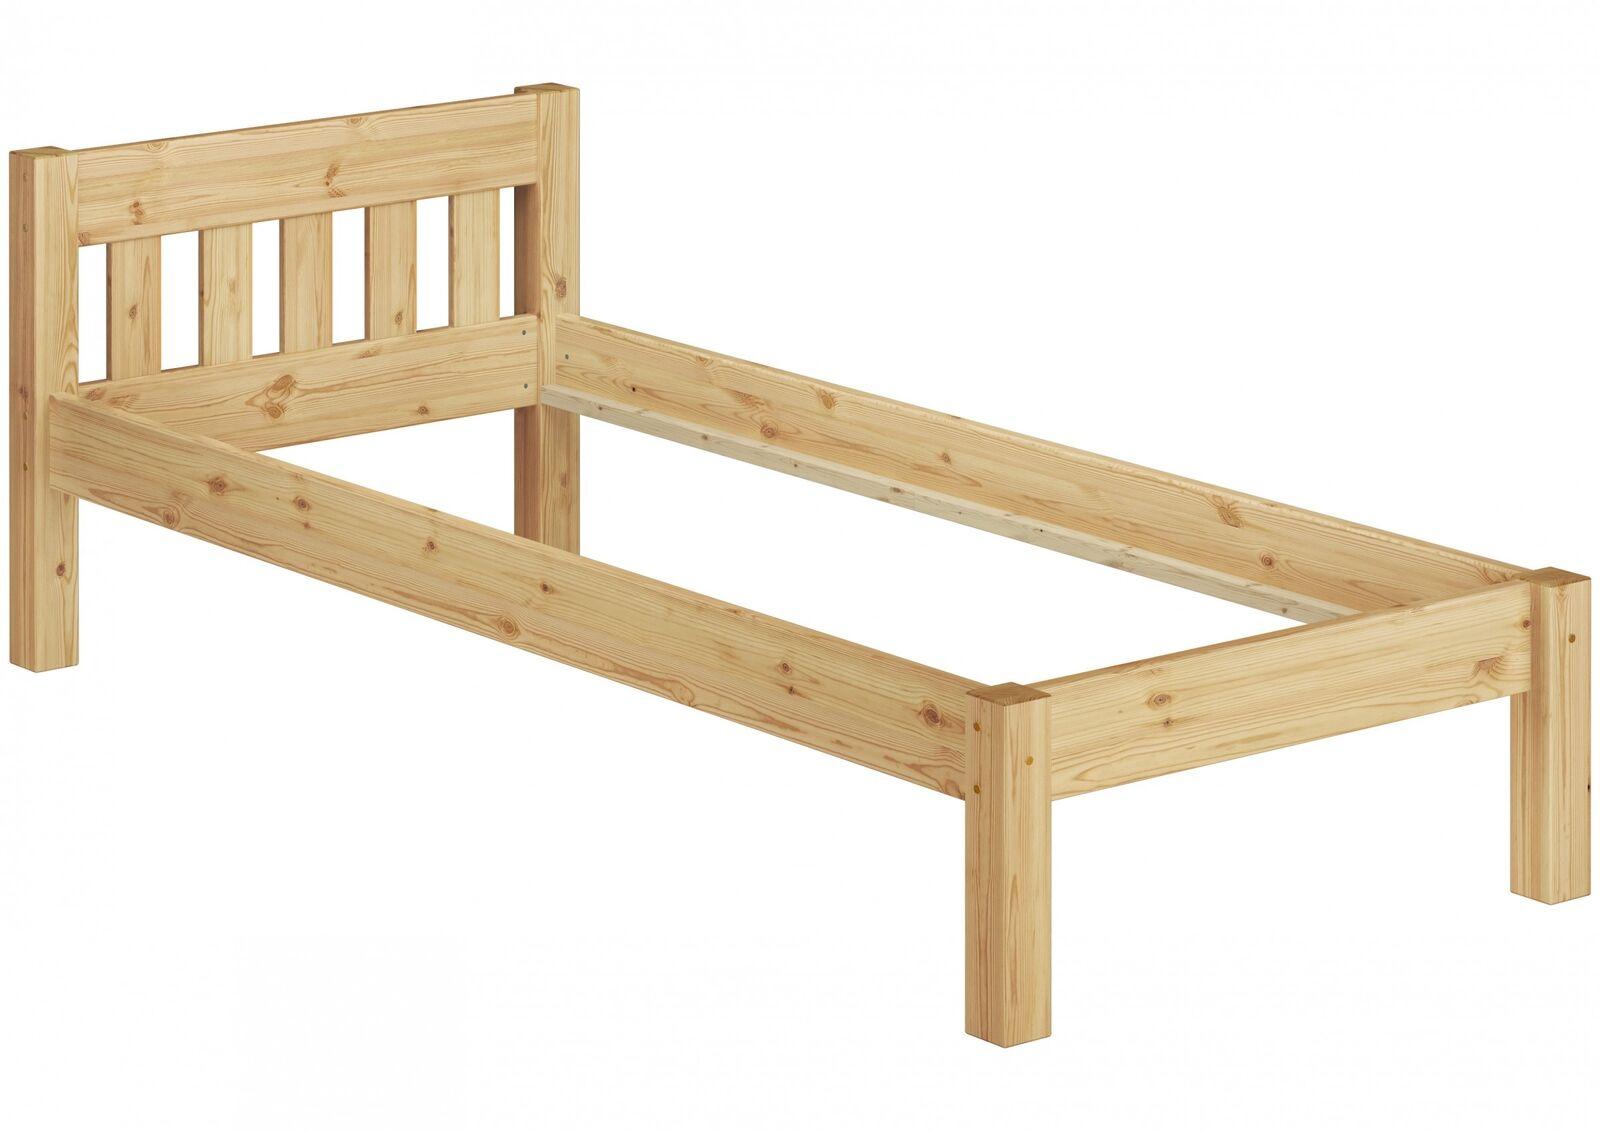 Prolétaire holzbett futon pin massif 100x200 sans sommier à lattes 60.38-10 or